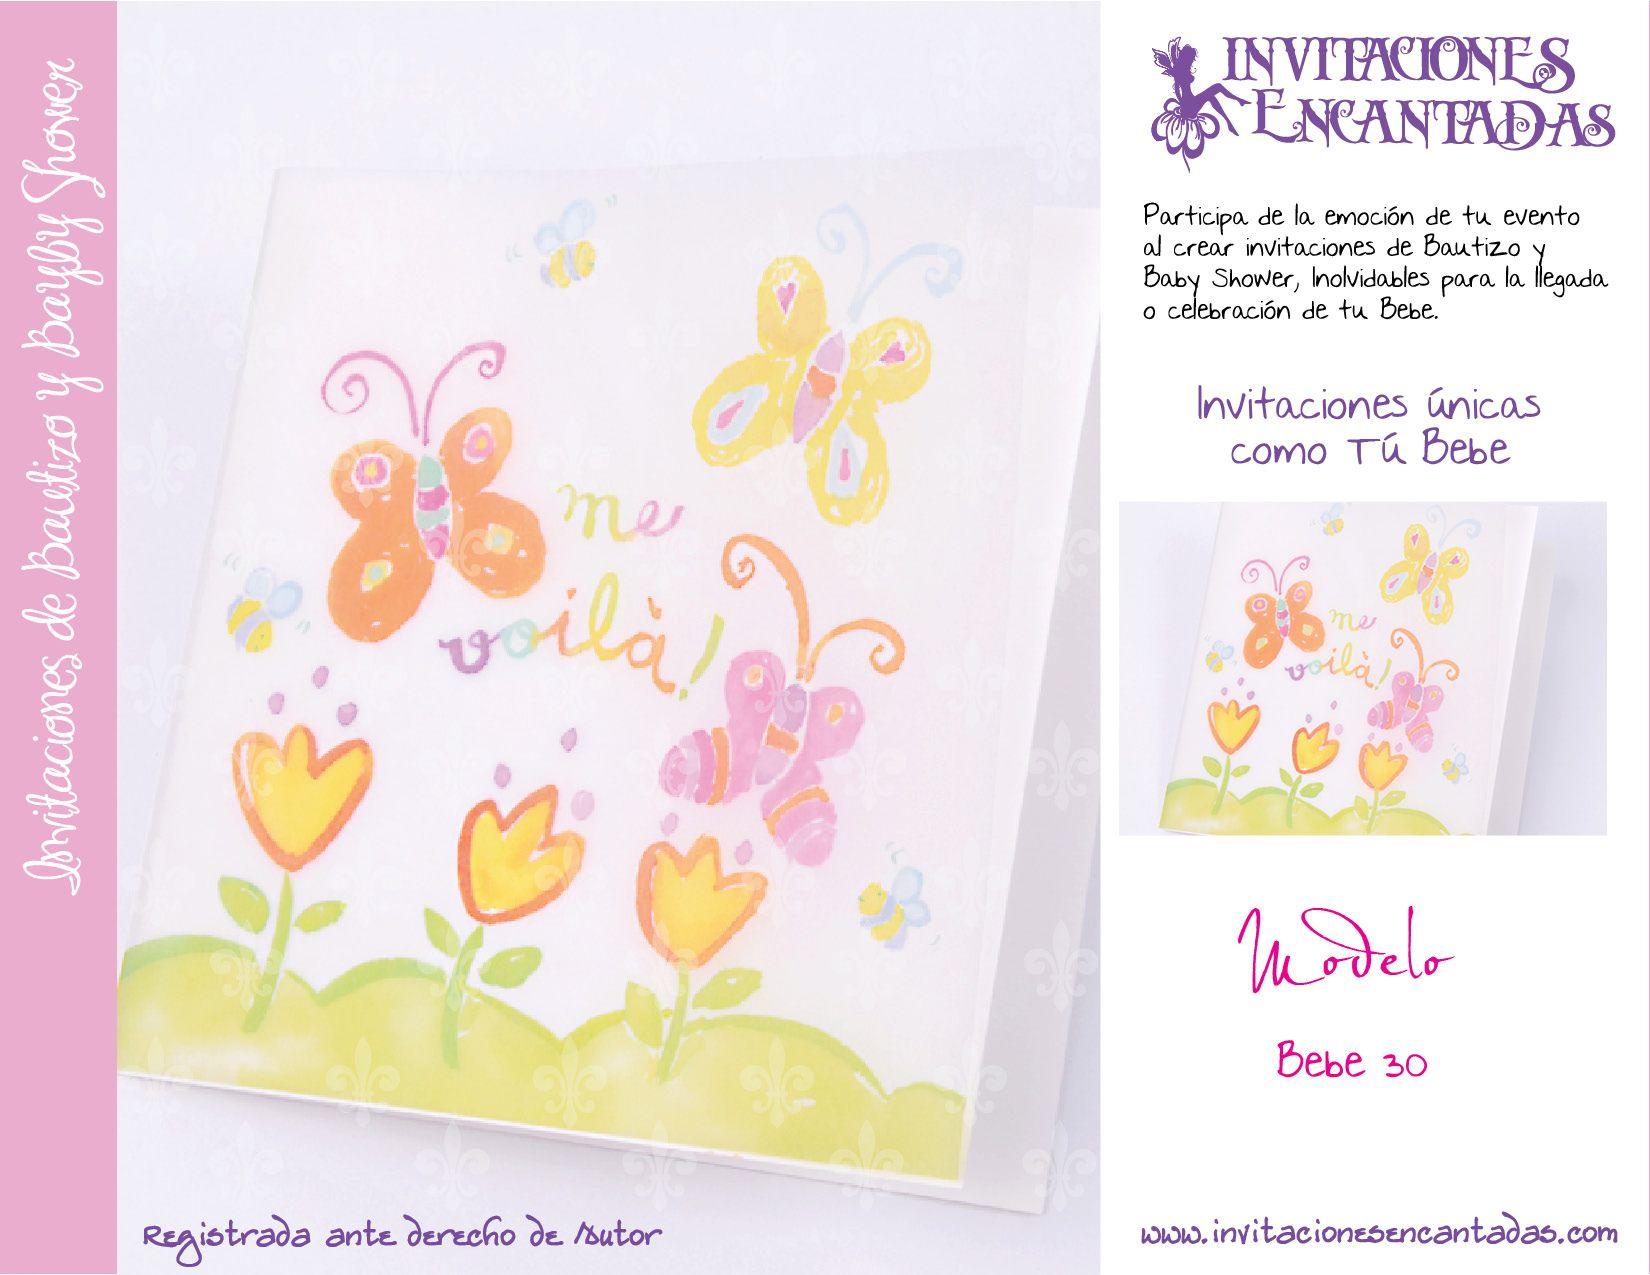 Invitacion Con Dise 241 O De Mariposas Y Flores Invitaciones